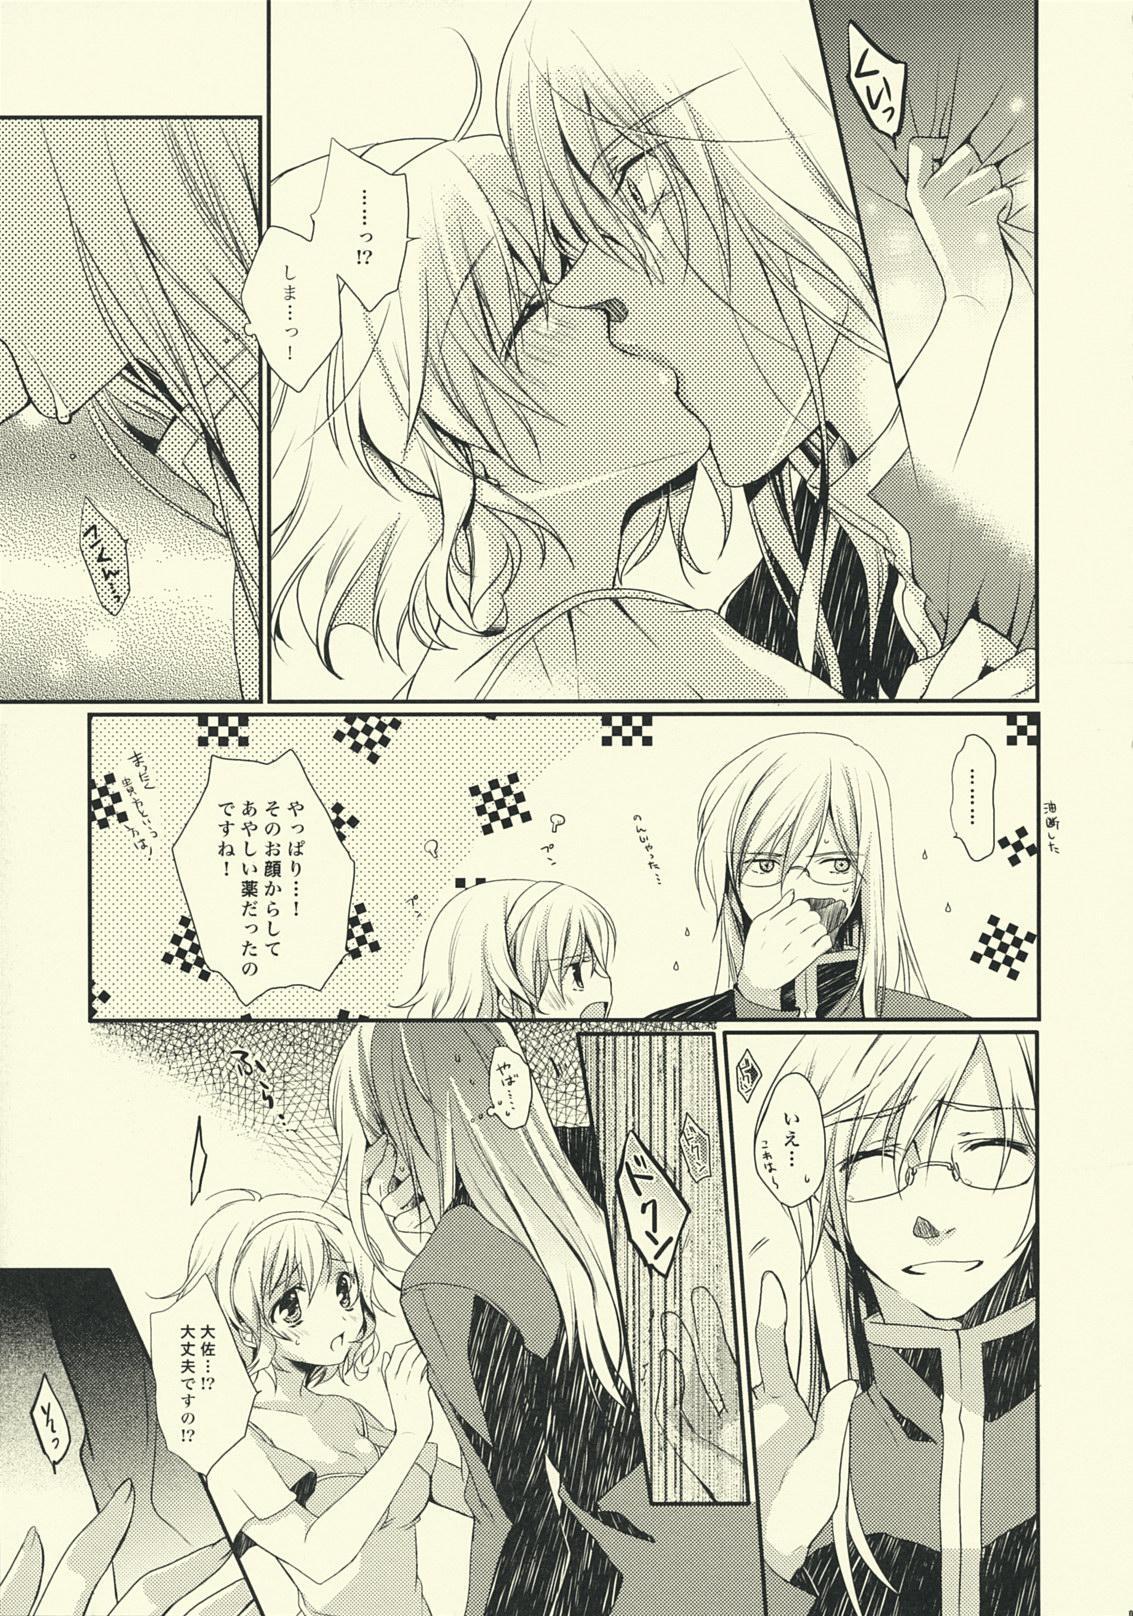 (SUPER18) [Shinsen Gokuraku (Shuragyoku Mami)] NO-JN-NO-LIFE (Tales of the Abyss) 5